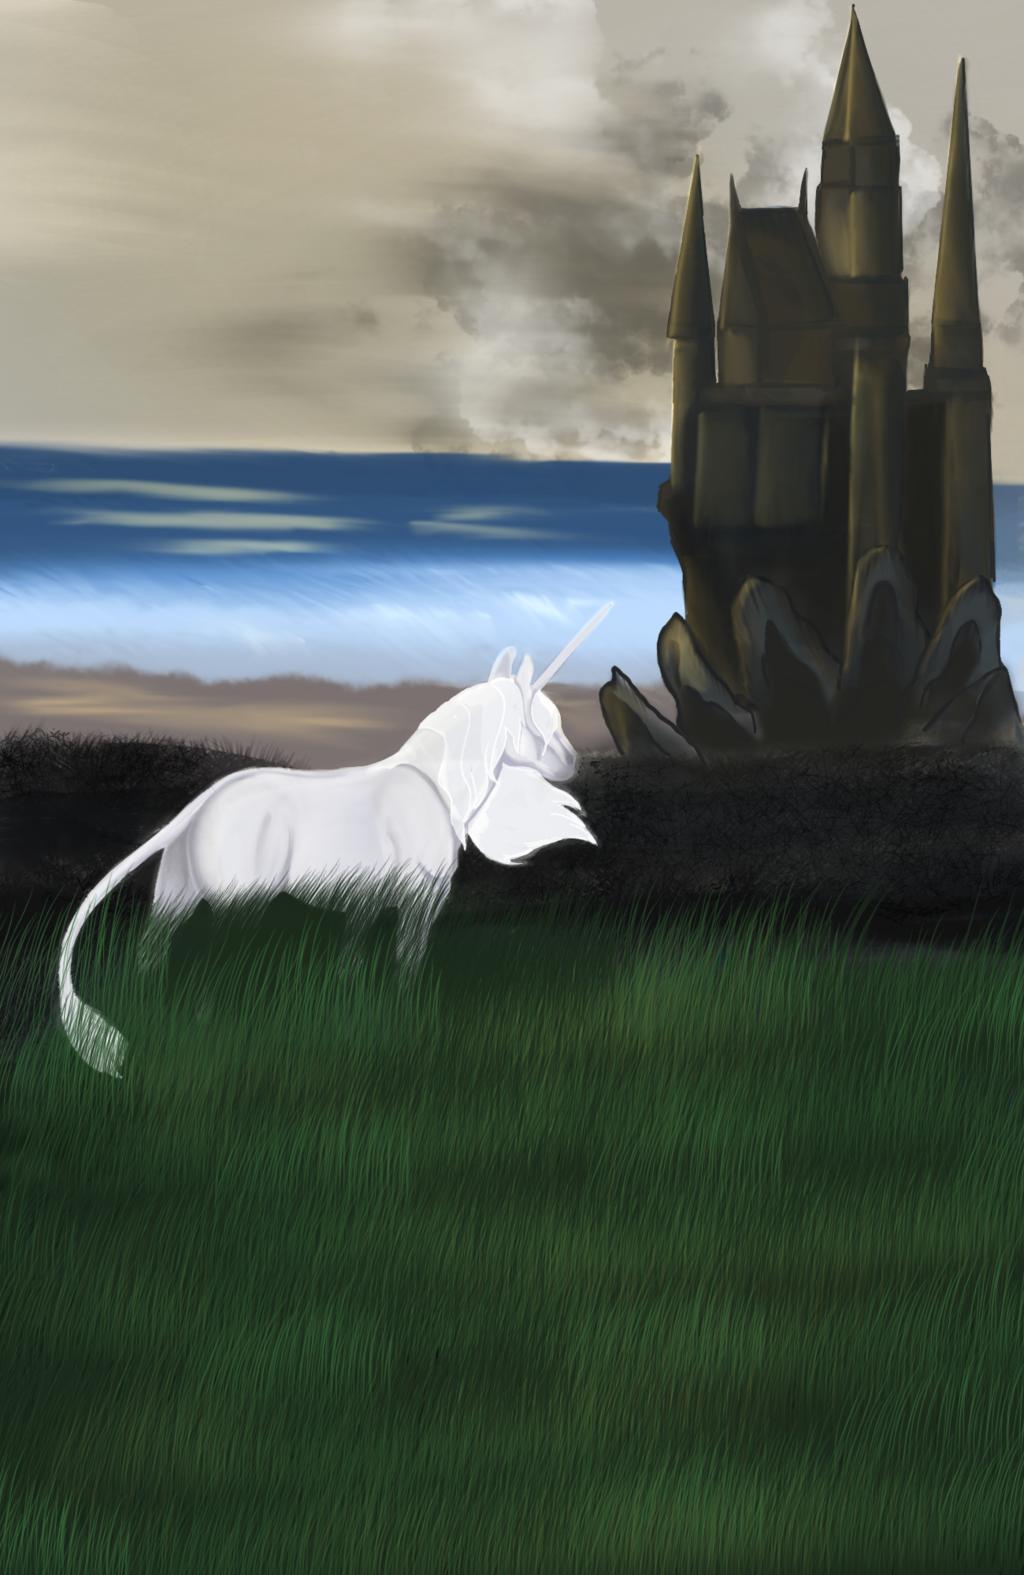 The Last Unicorn Book Cover Redesign